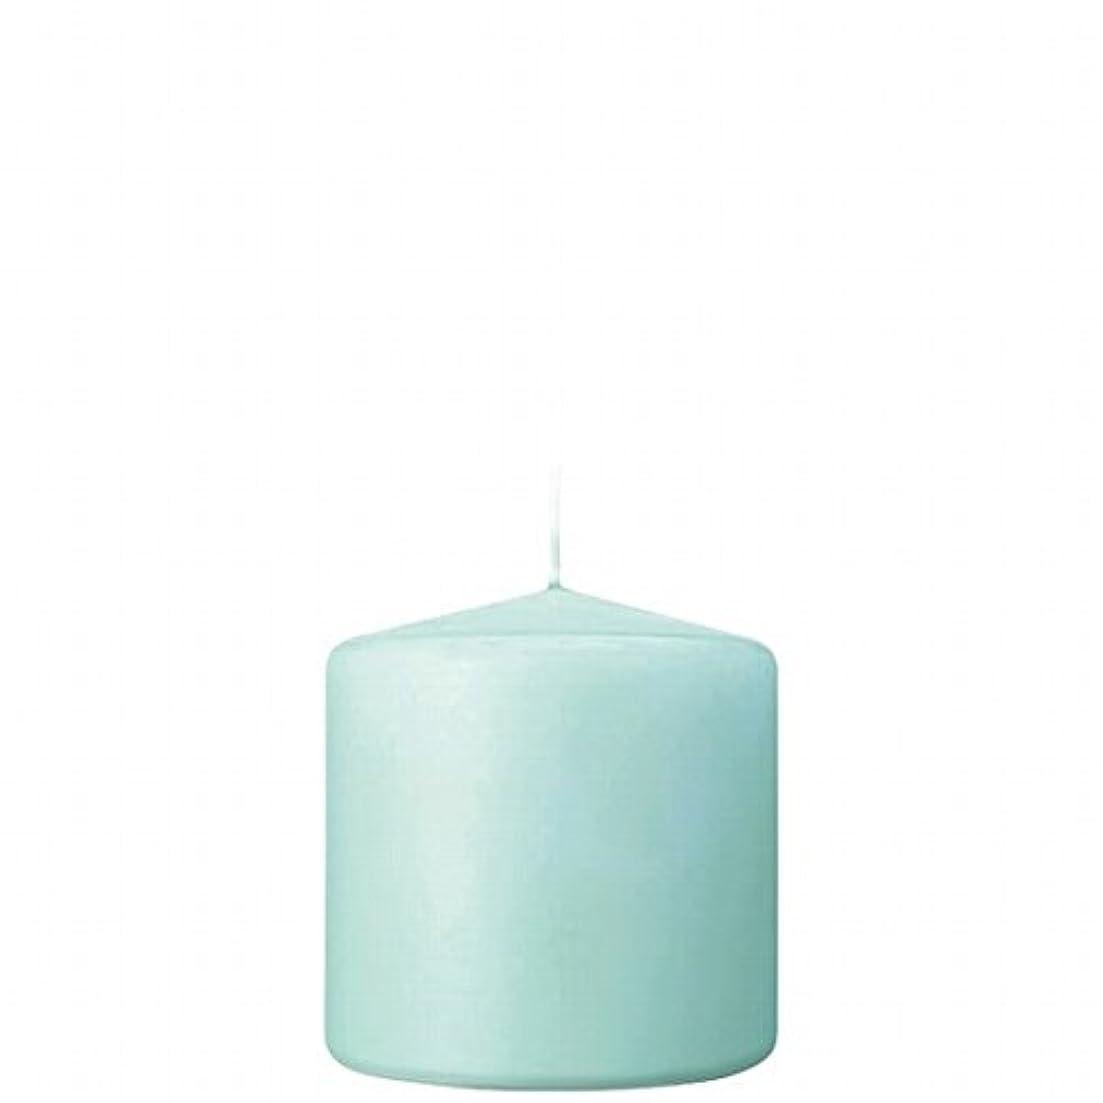 対話それに応じてモルヒネカメヤマキャンドル(kameyama candle) 3×3ベルトップピラーキャンドル 「 ライトブルー 」